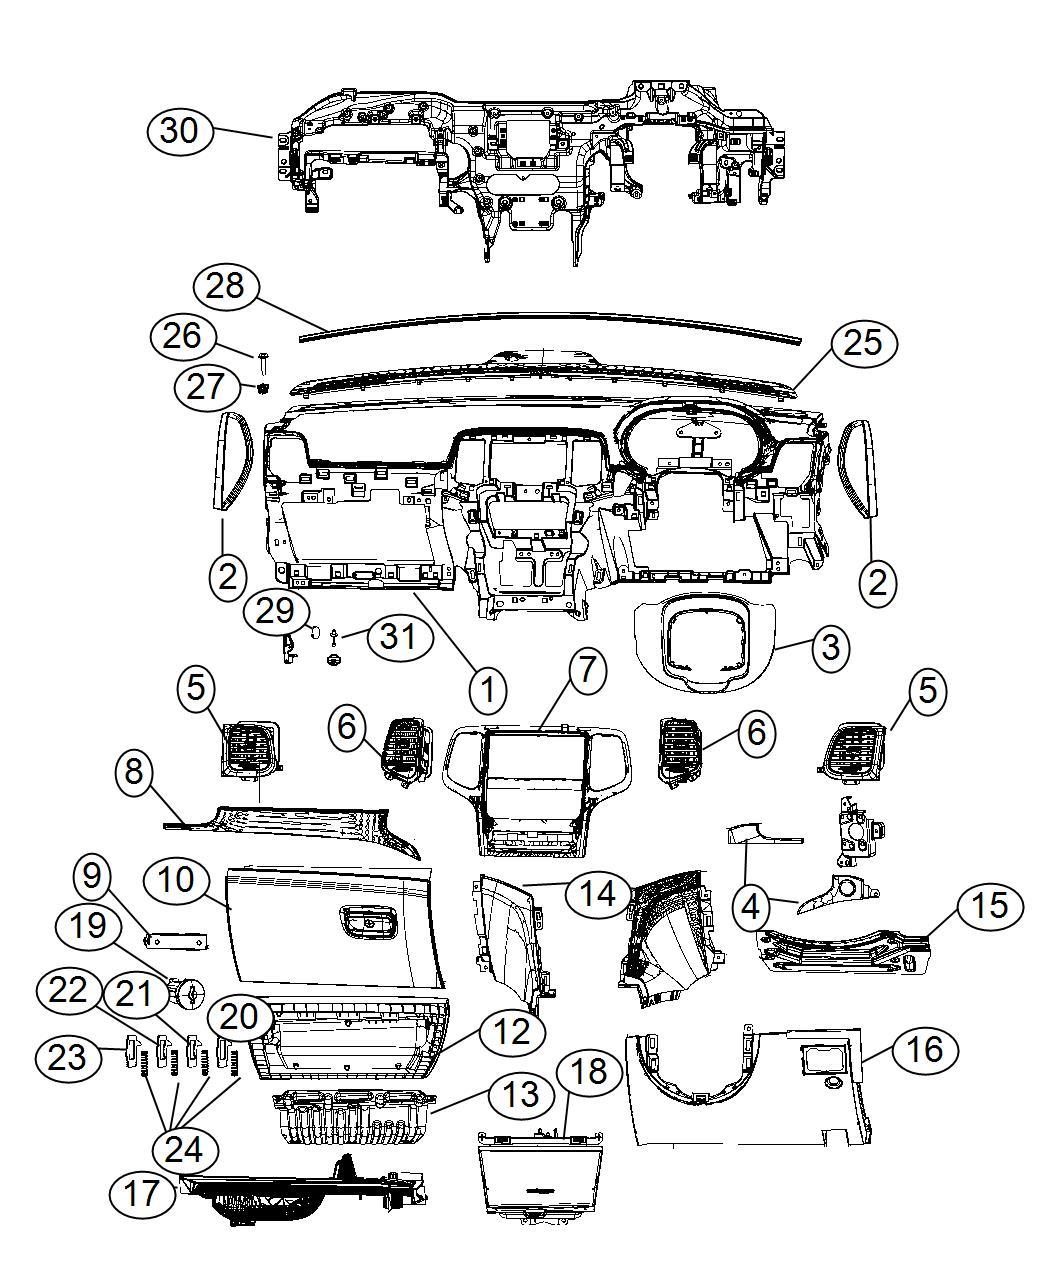 Jeep Grand Cherokee Applique. Instrument panel. Export